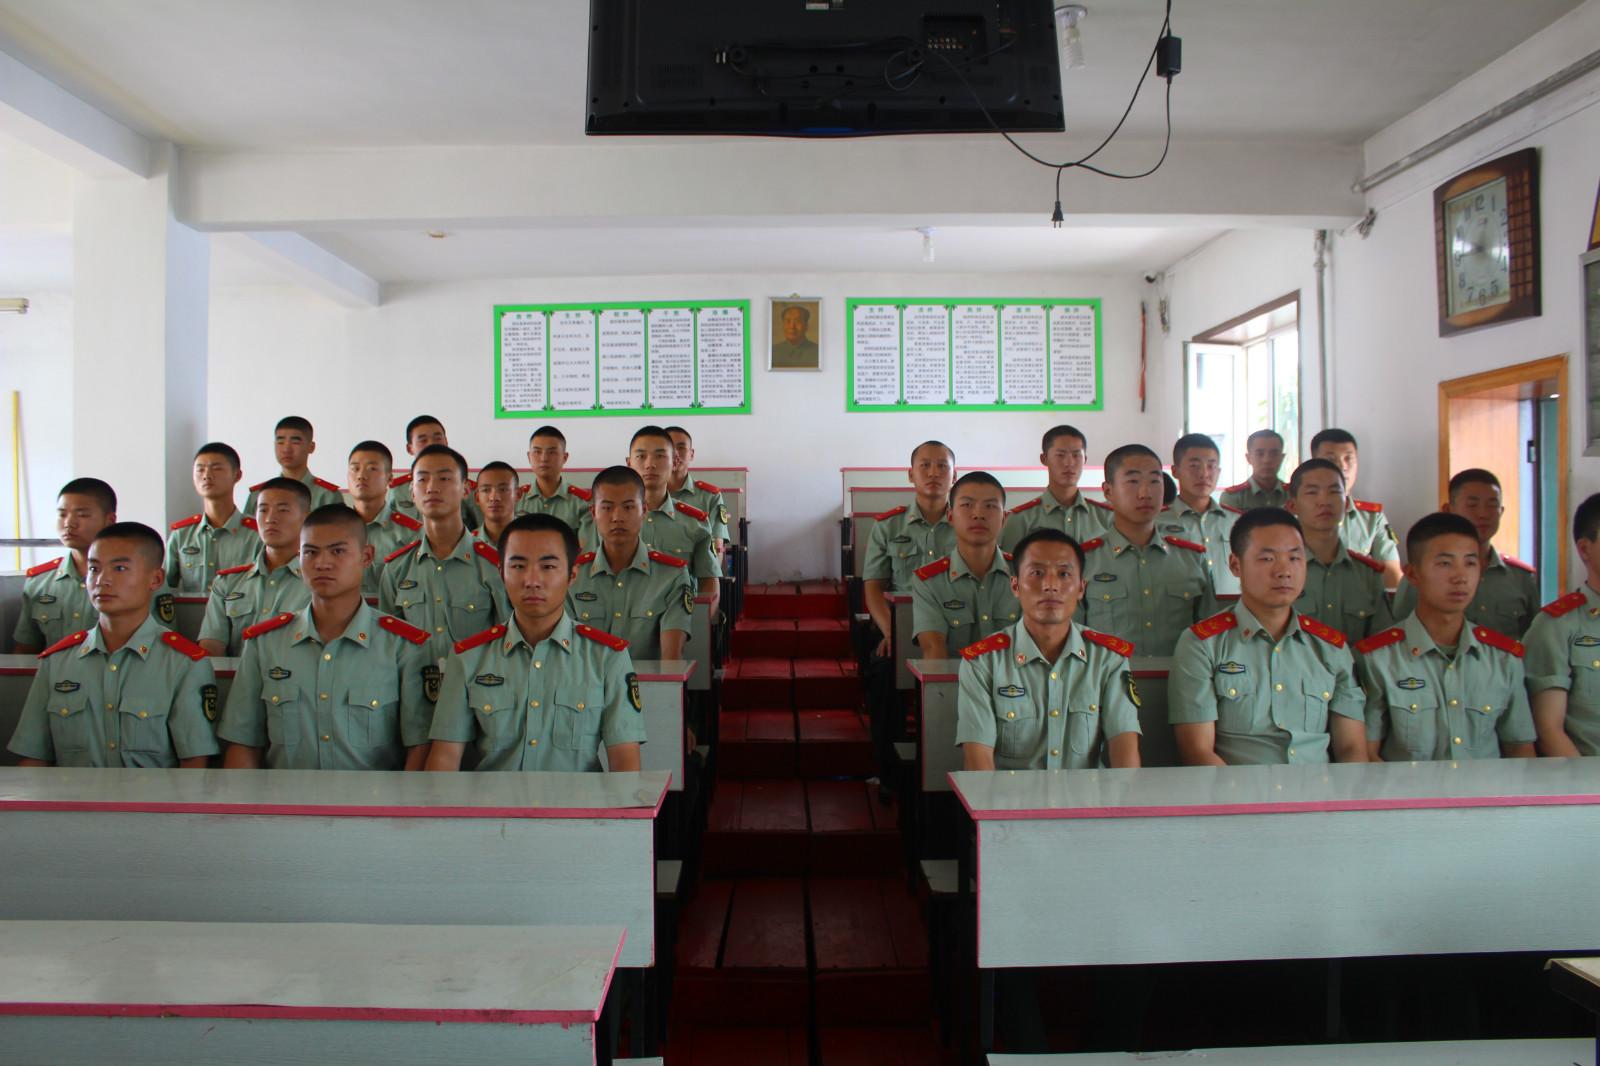 森警部队到校交流